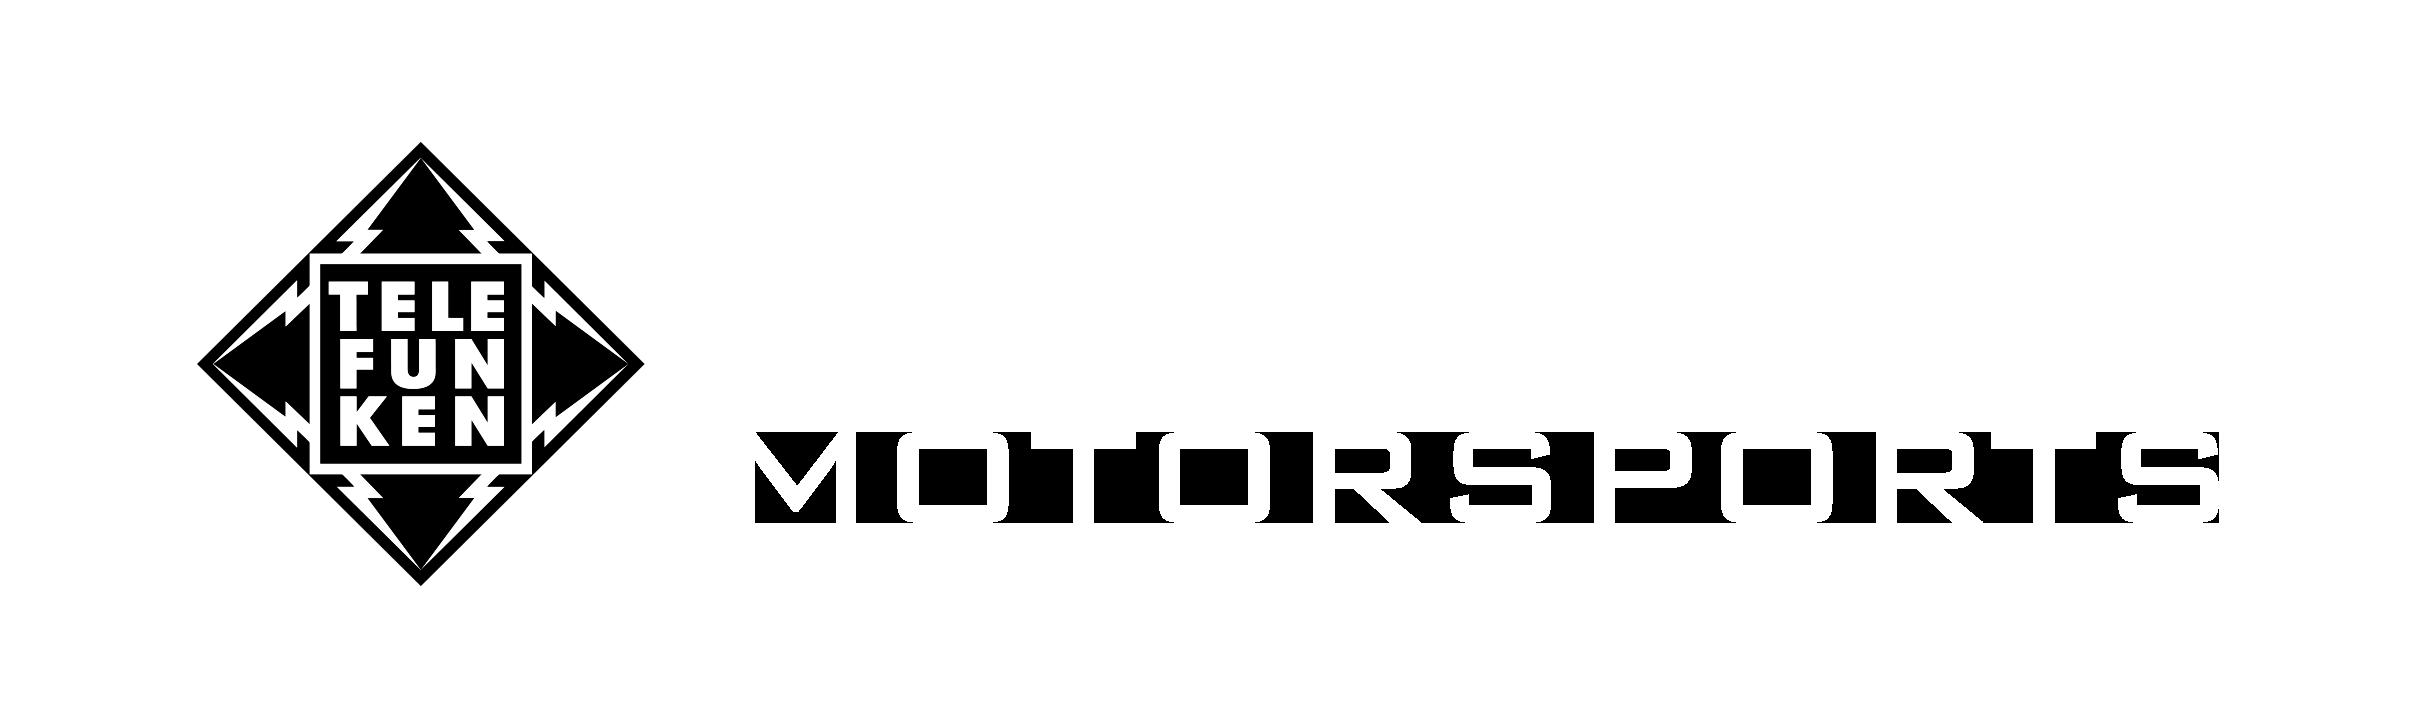 Telefunken Motorsports